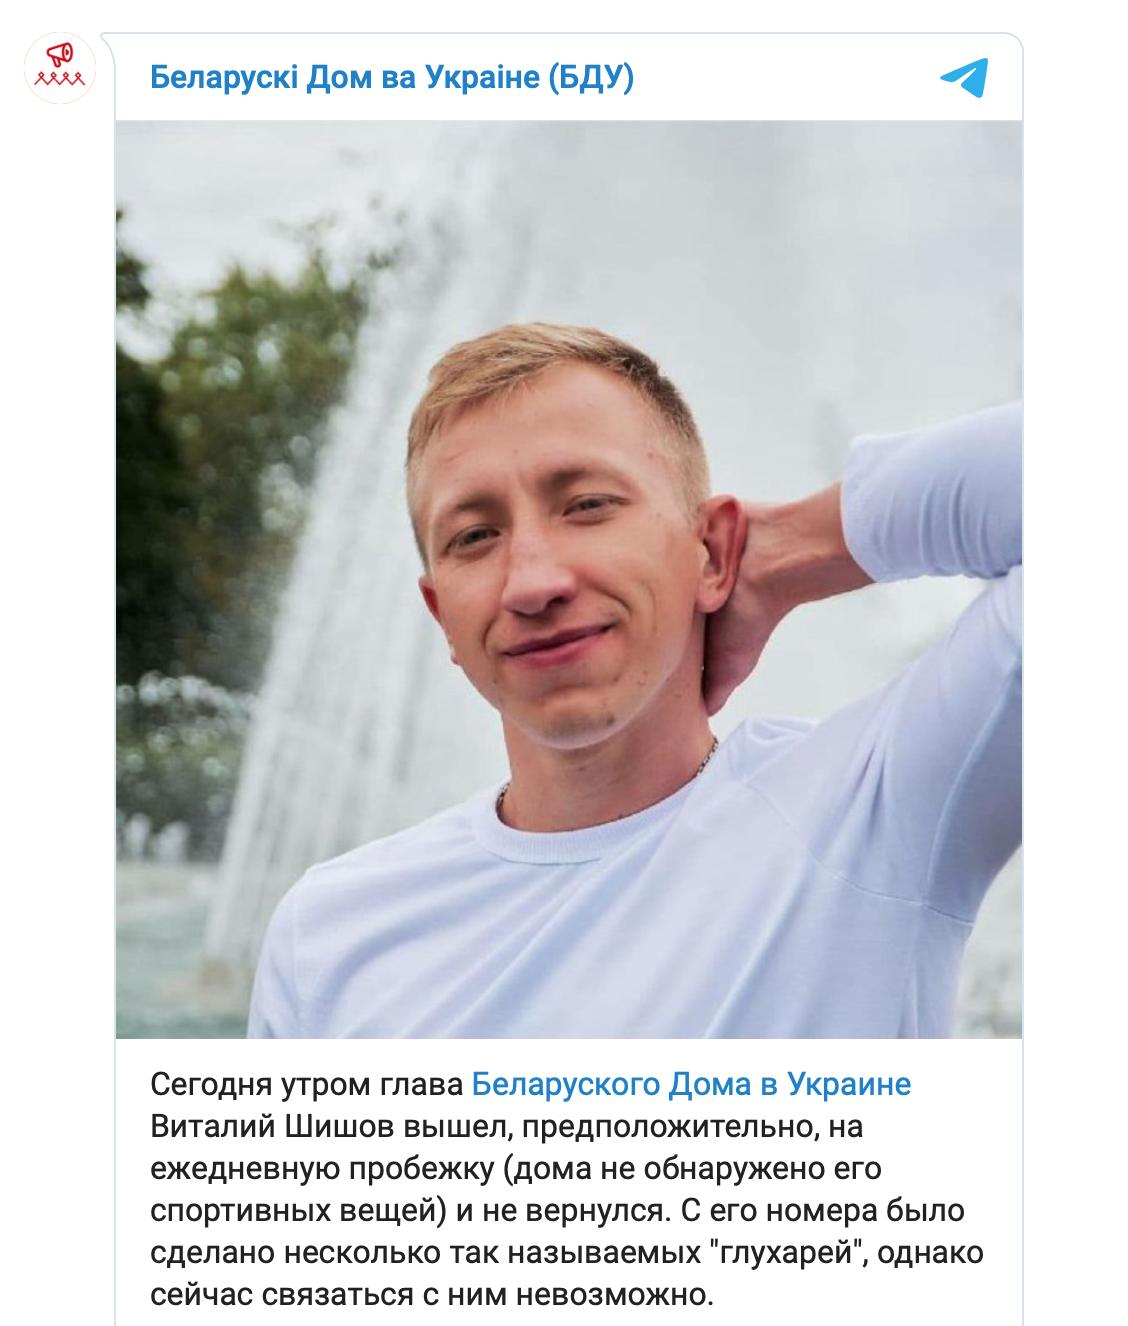 В Киеве пропал лидер Беларуского дома в Украине. Его ищут правоохранители